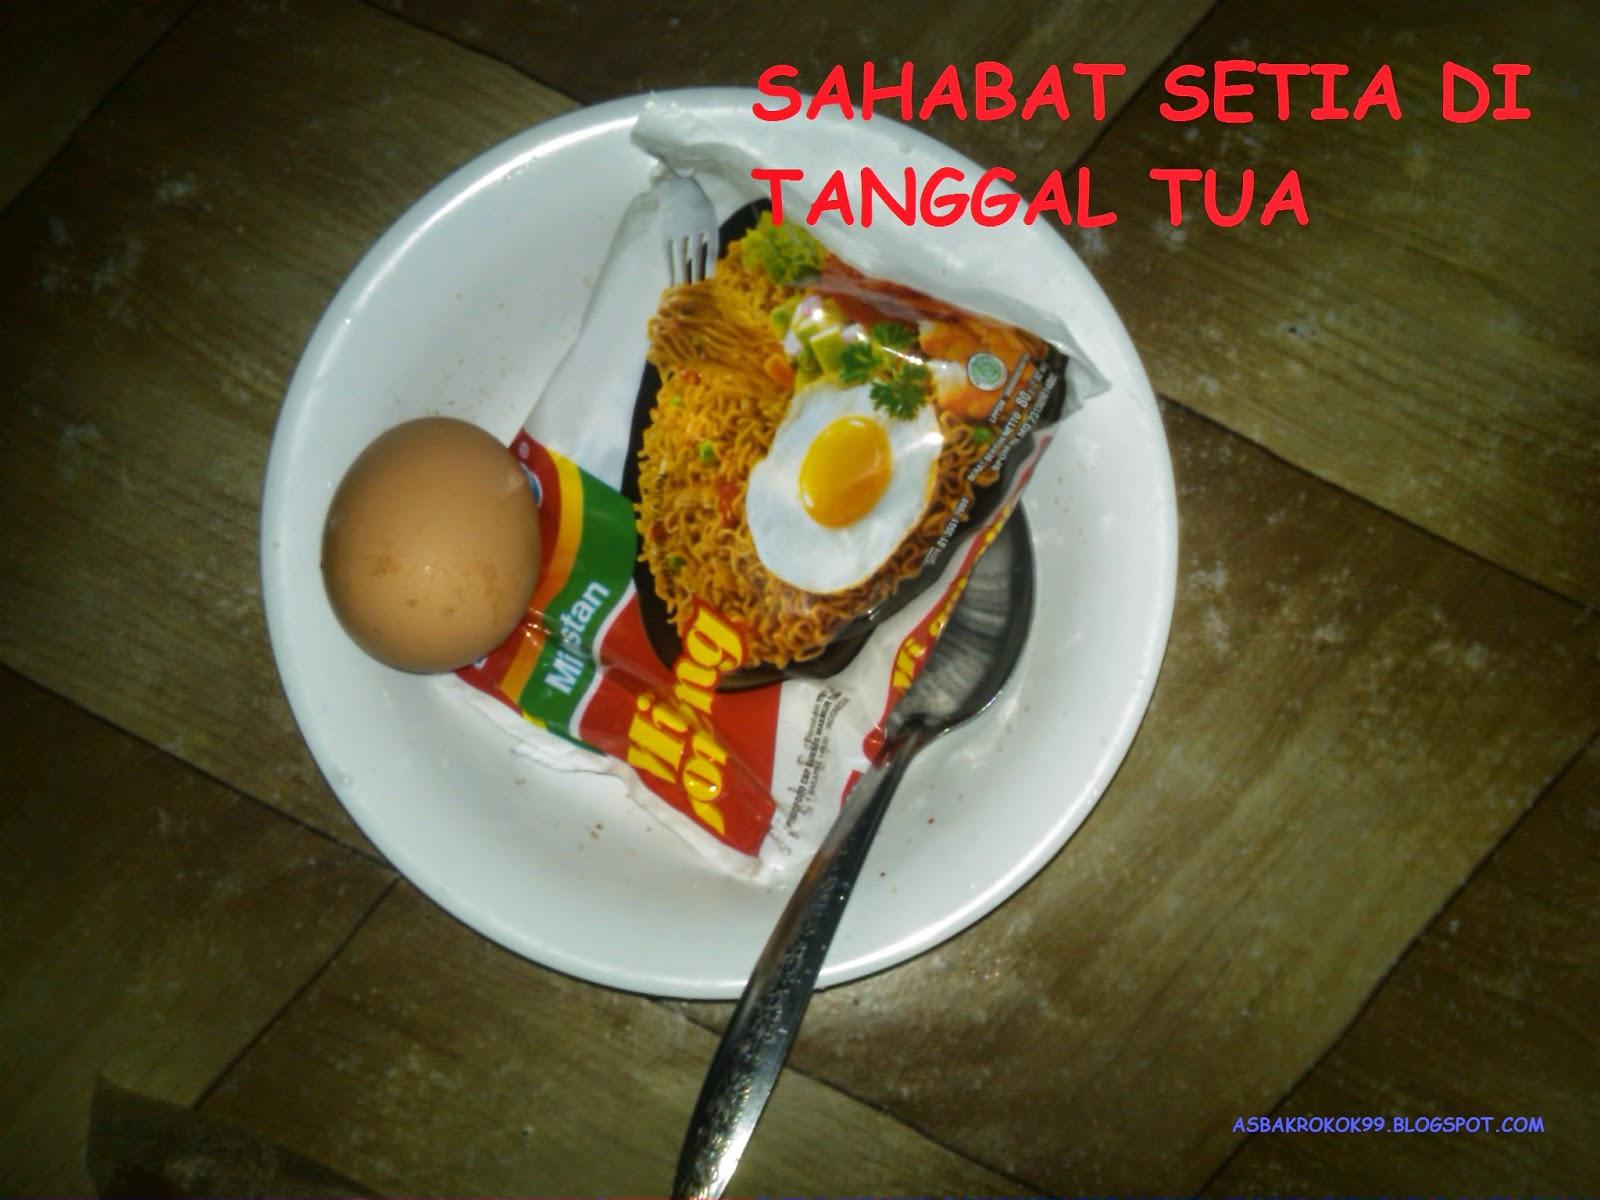 Foto Jokowi Hot Dan Bu Mega Wati Display Picture Update Lucu Dan Keren